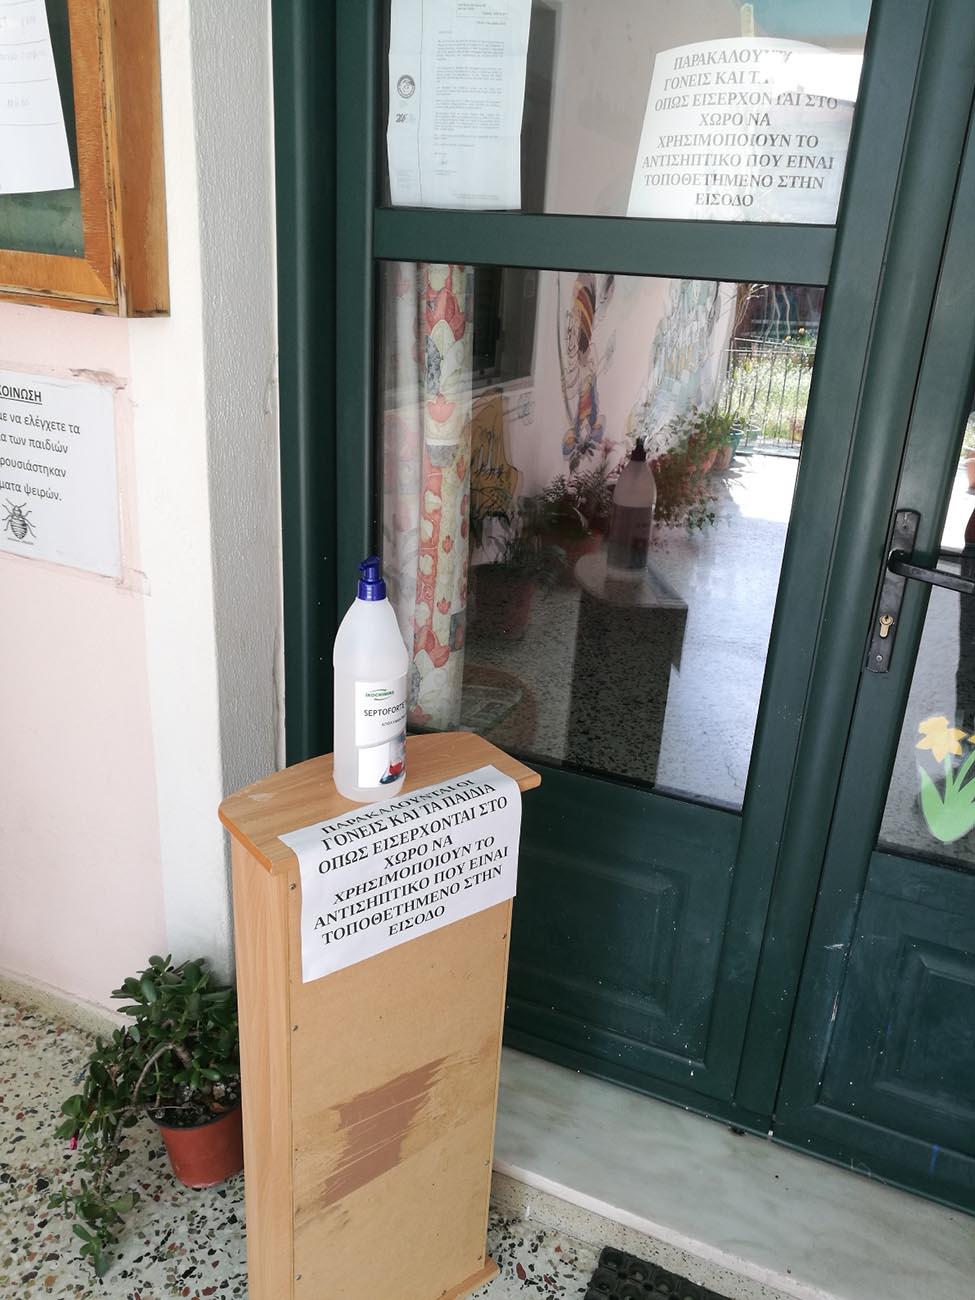 Μέτρα πρόληψης για τον κορωνοϊό στον Δήμο Ακτίου – Βόνιτσας